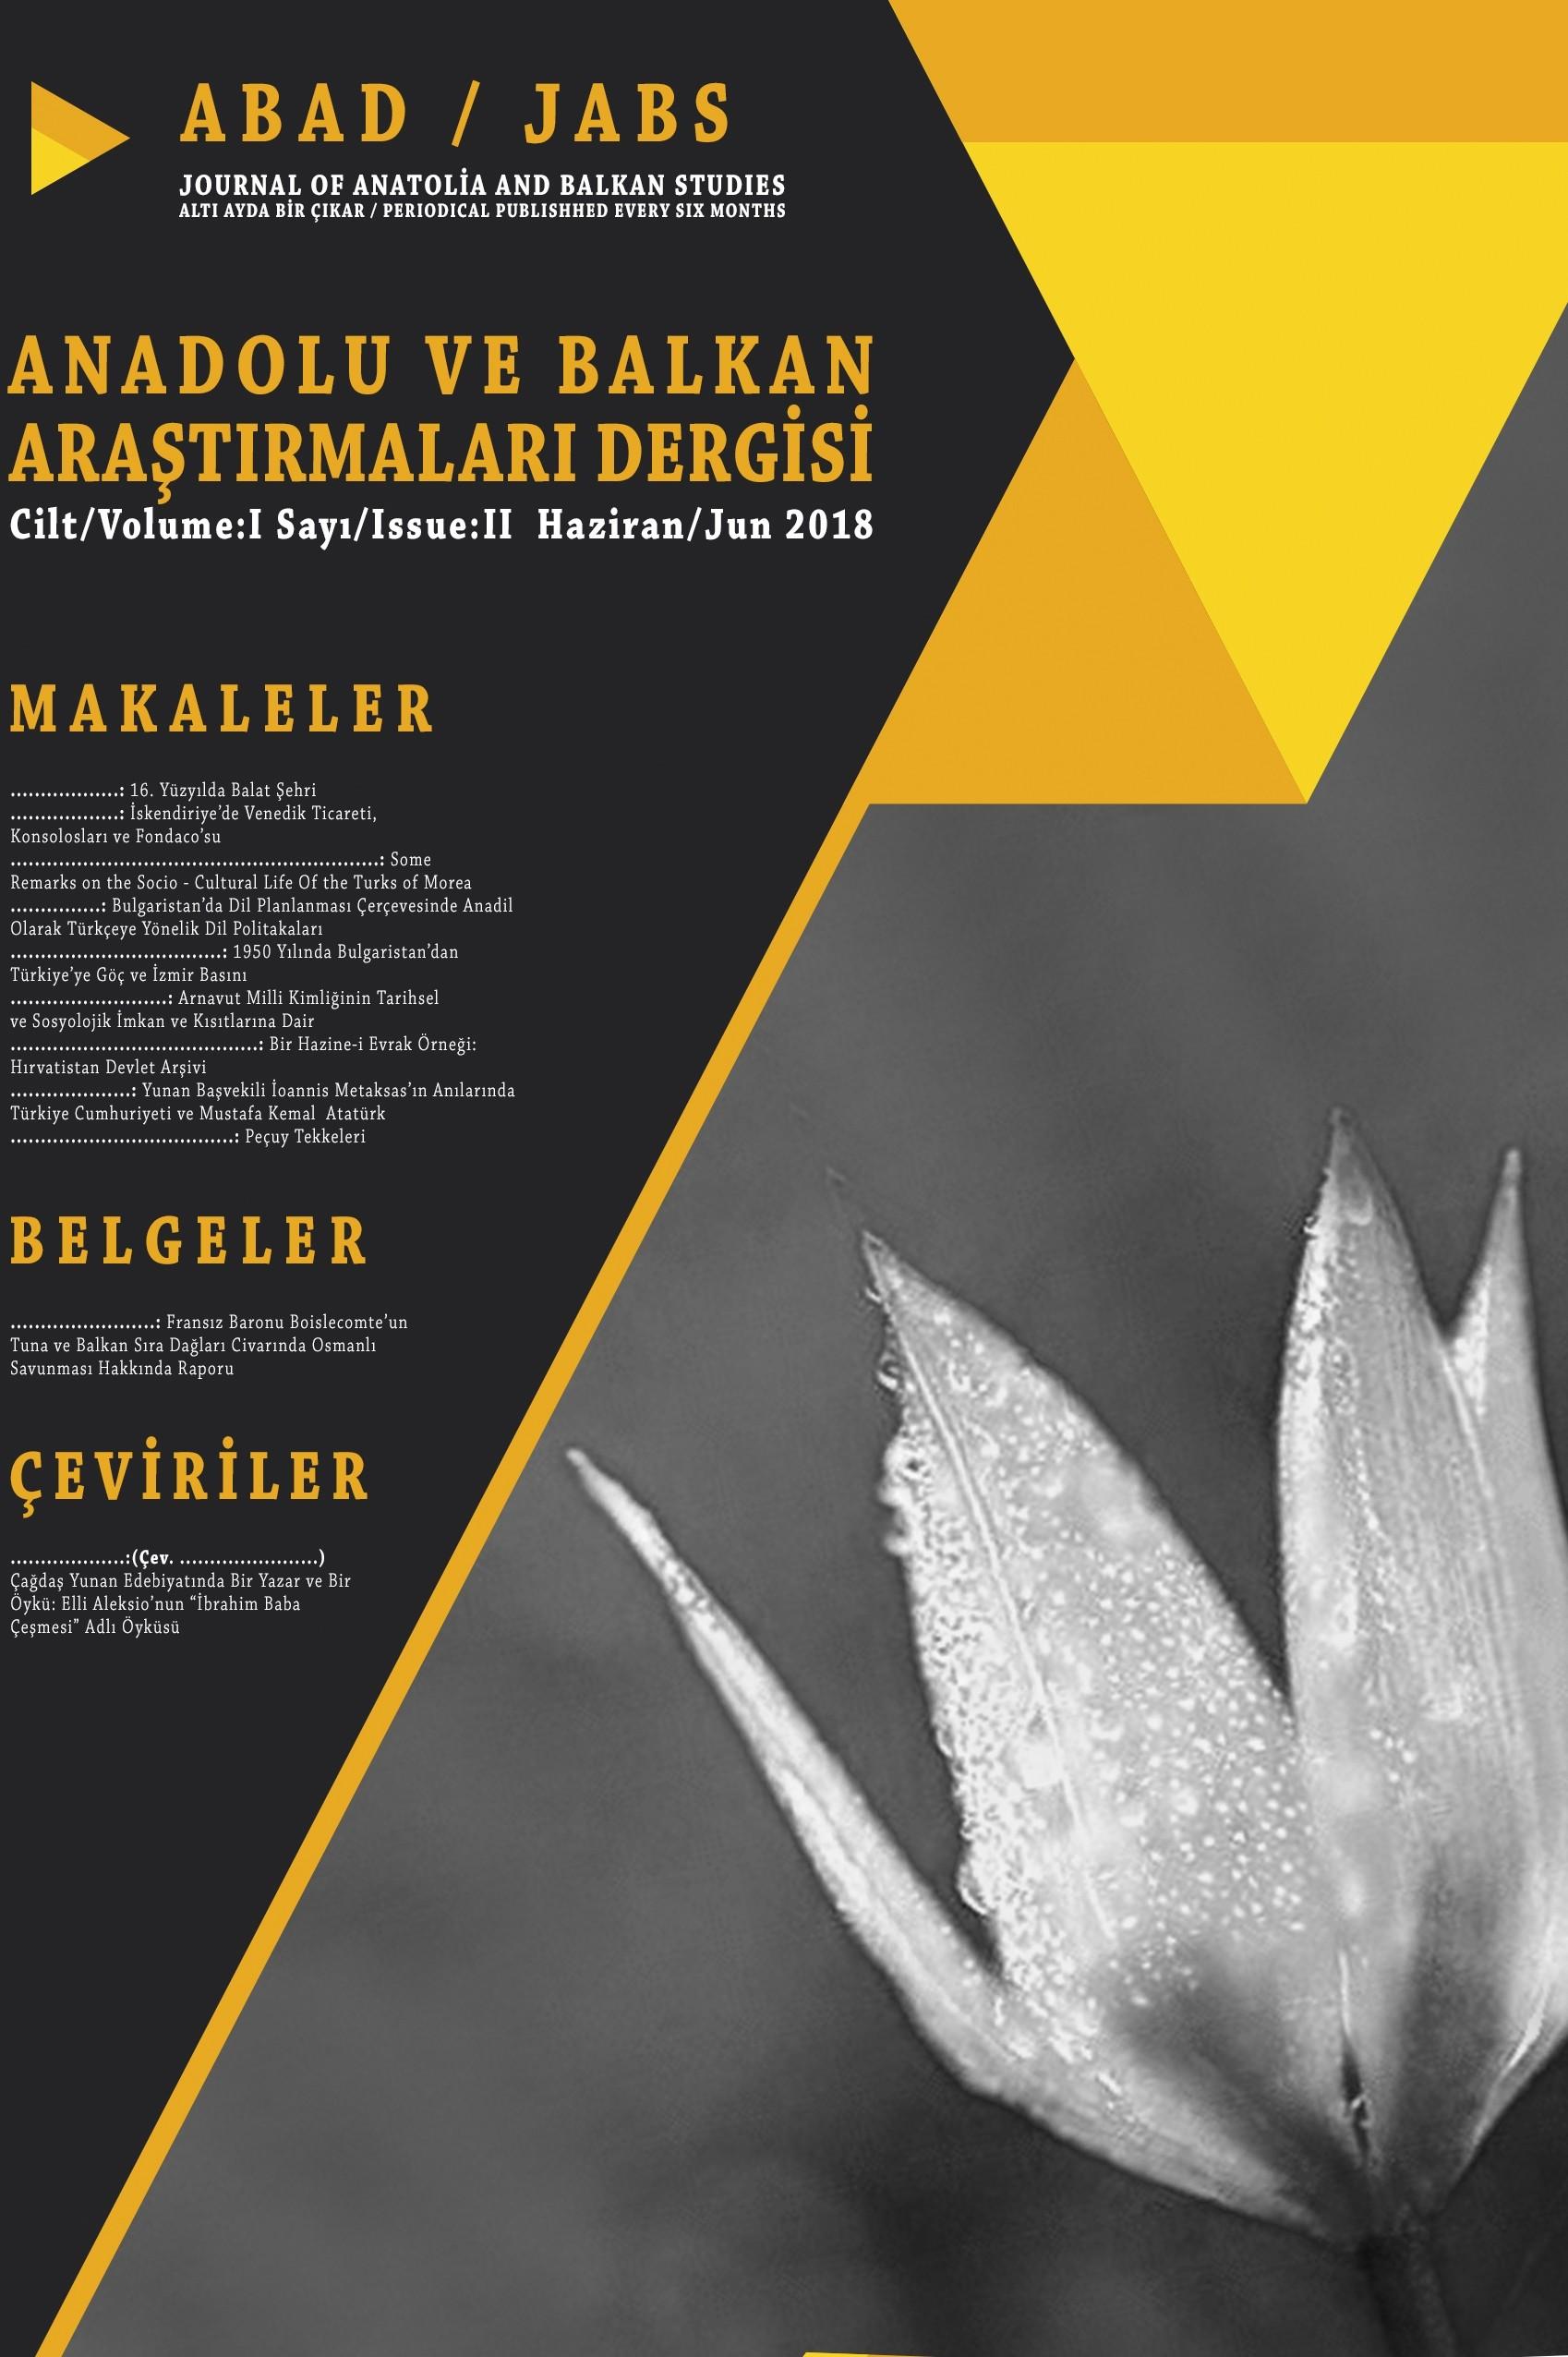 Anadolu ve Balkan Araştırmaları Dergisi-Asos İndeks